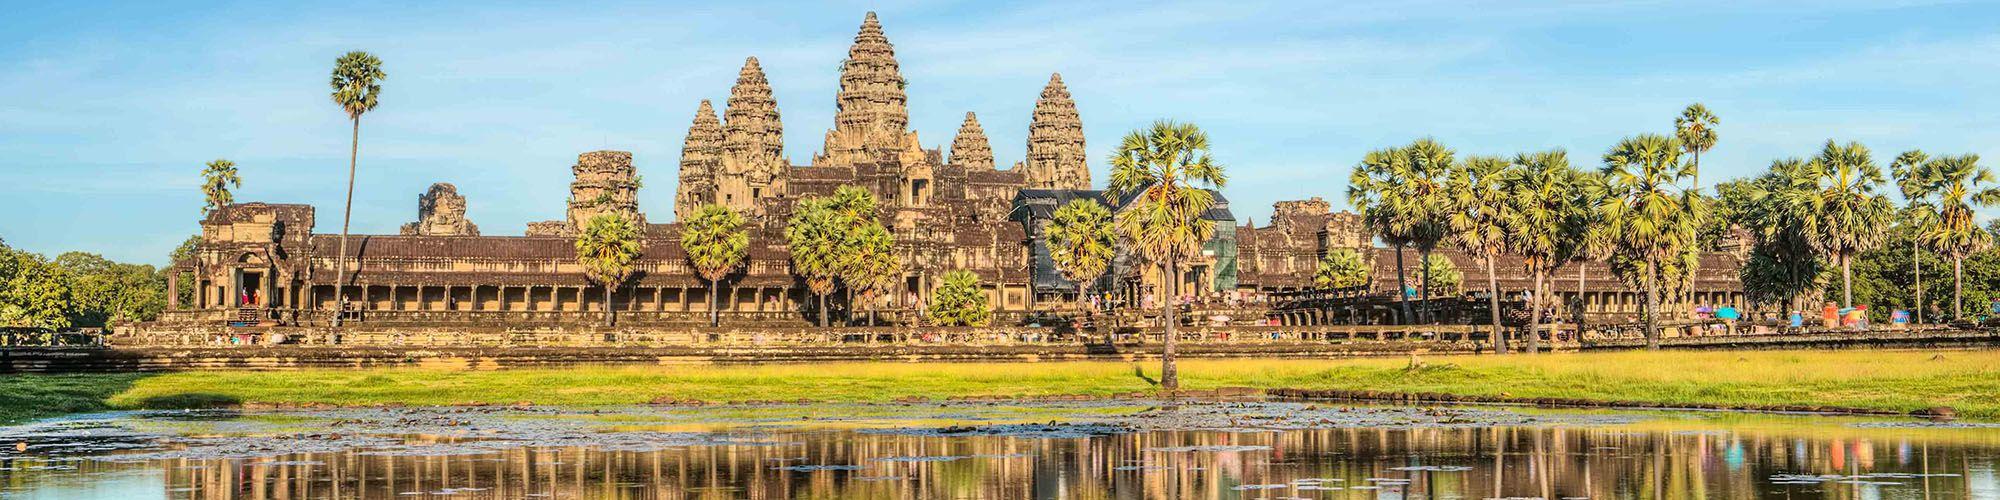 Cambodia, Angkor Wat, Temples